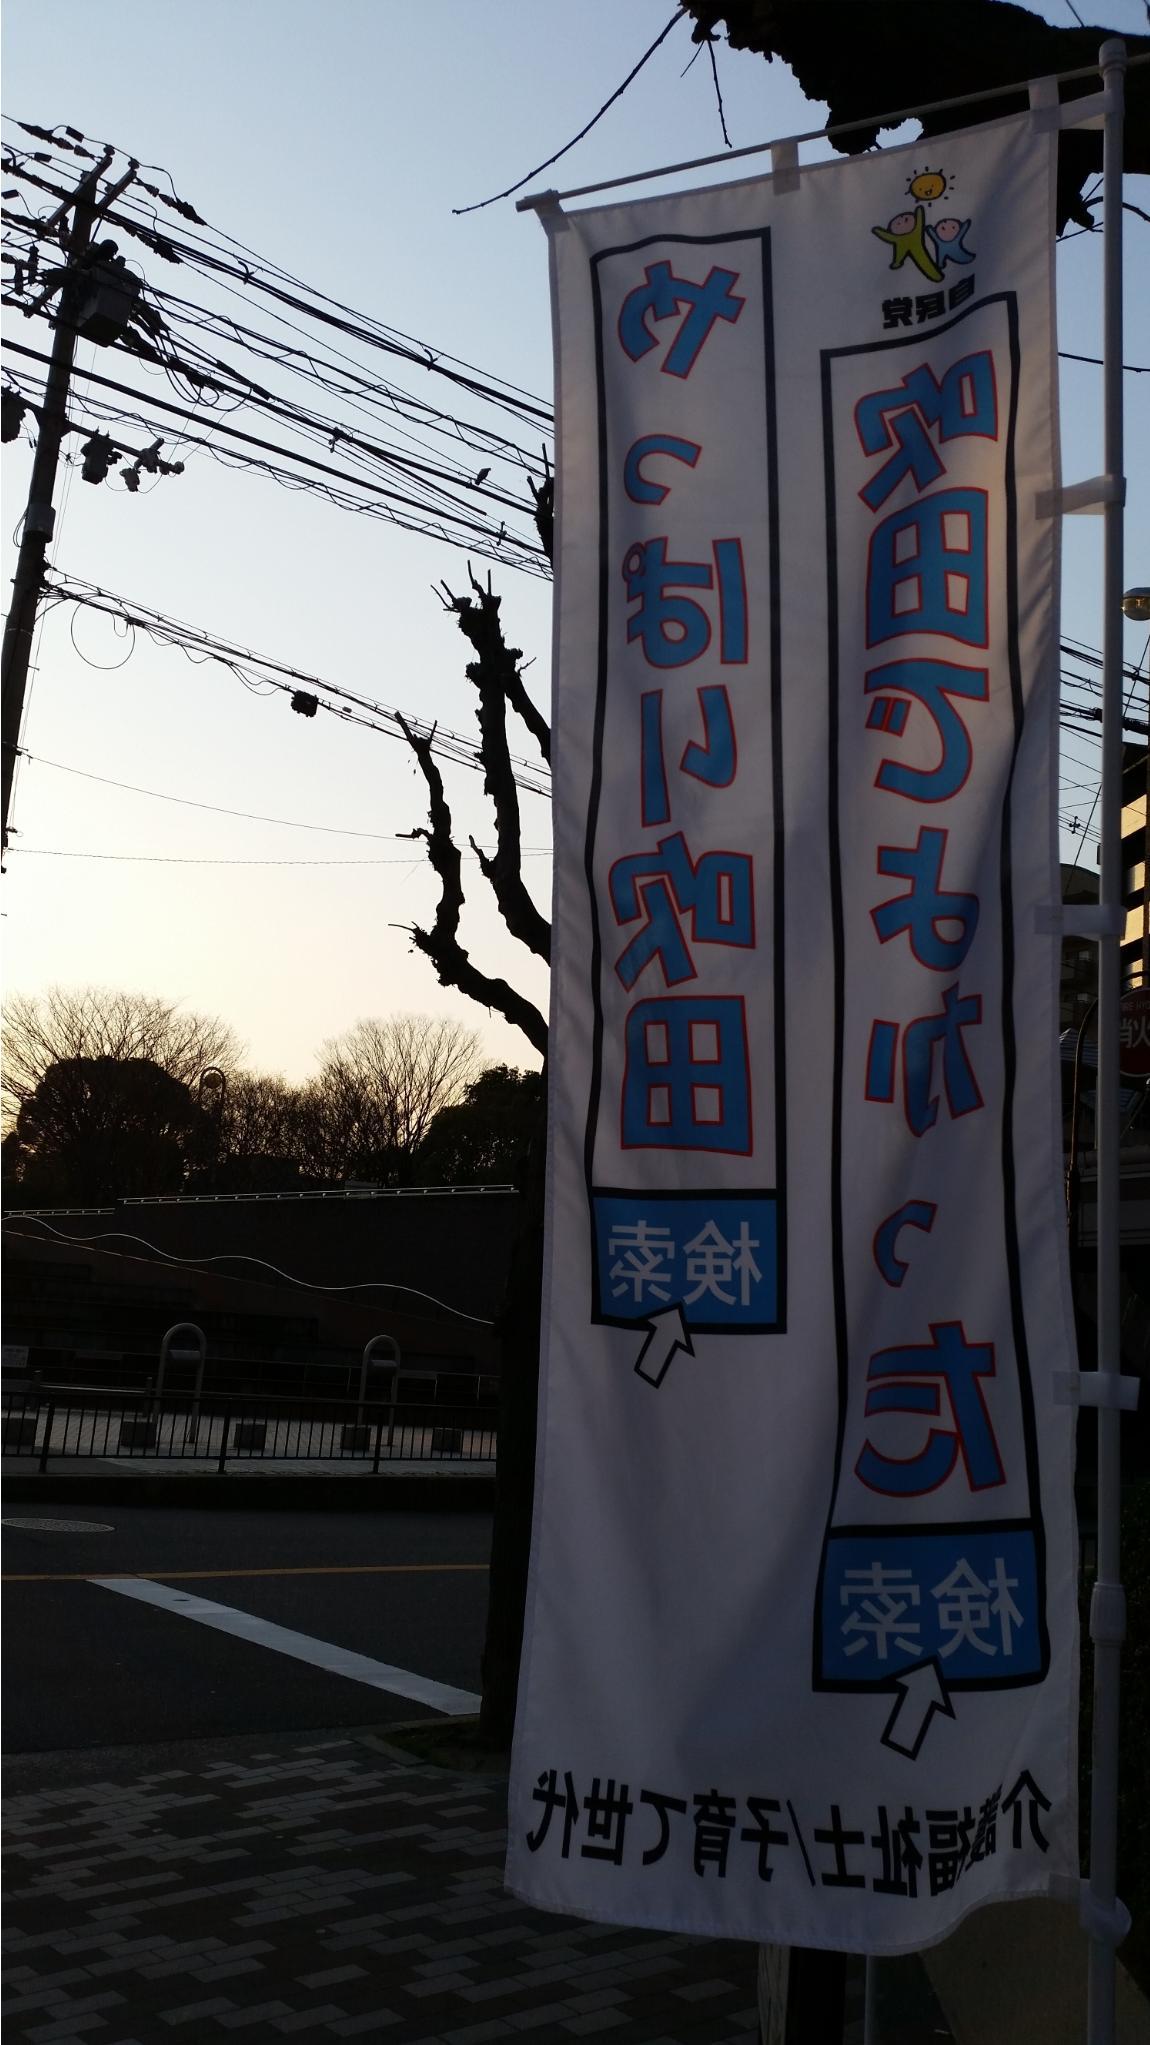 27.3.16活動報告